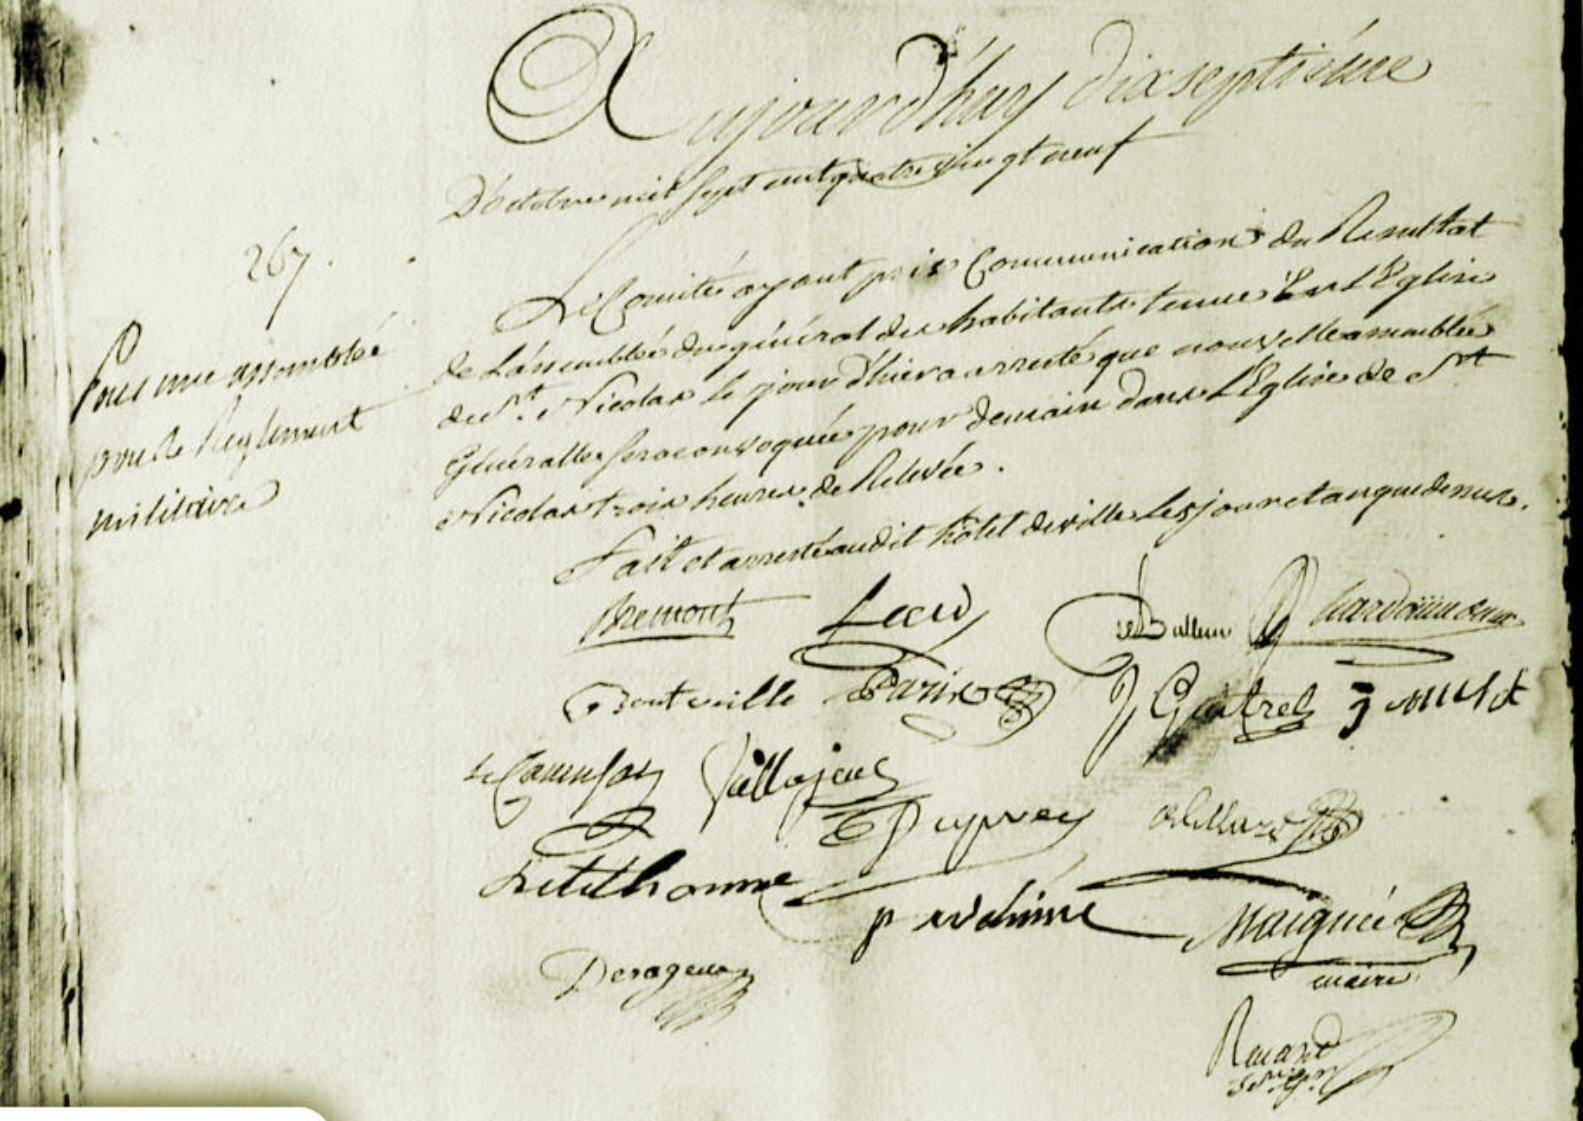 Le 17 octobre 1789 à Mamers : convocation d'une nouvelle assemblée générale.